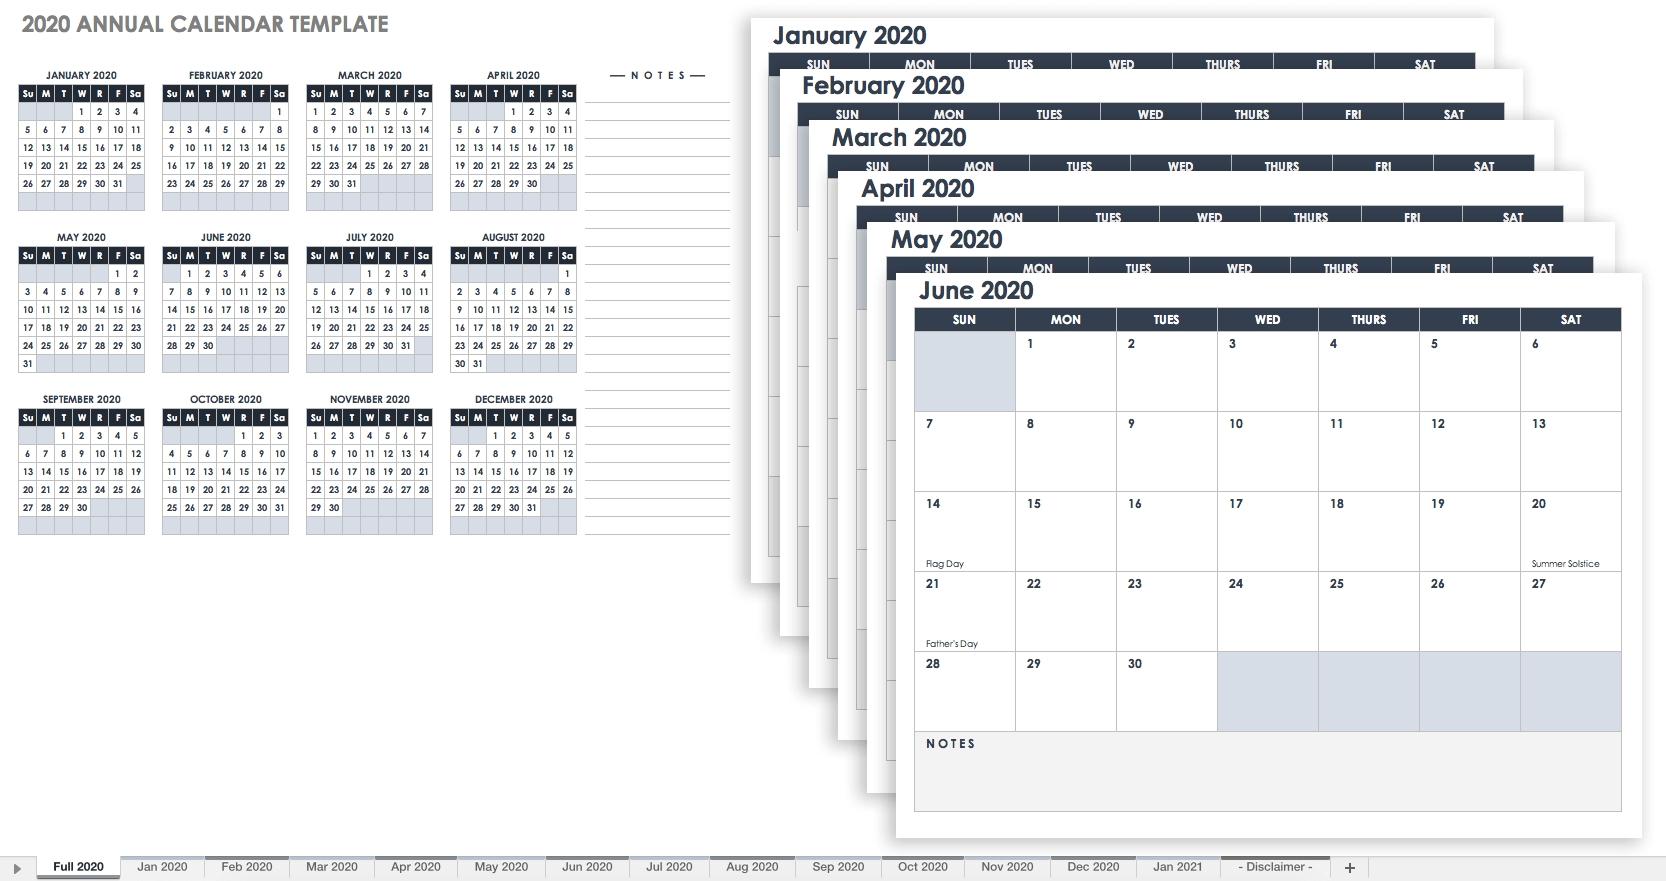 Free Excel Calendar Templates-Template Monthly Calendar 2020.xls